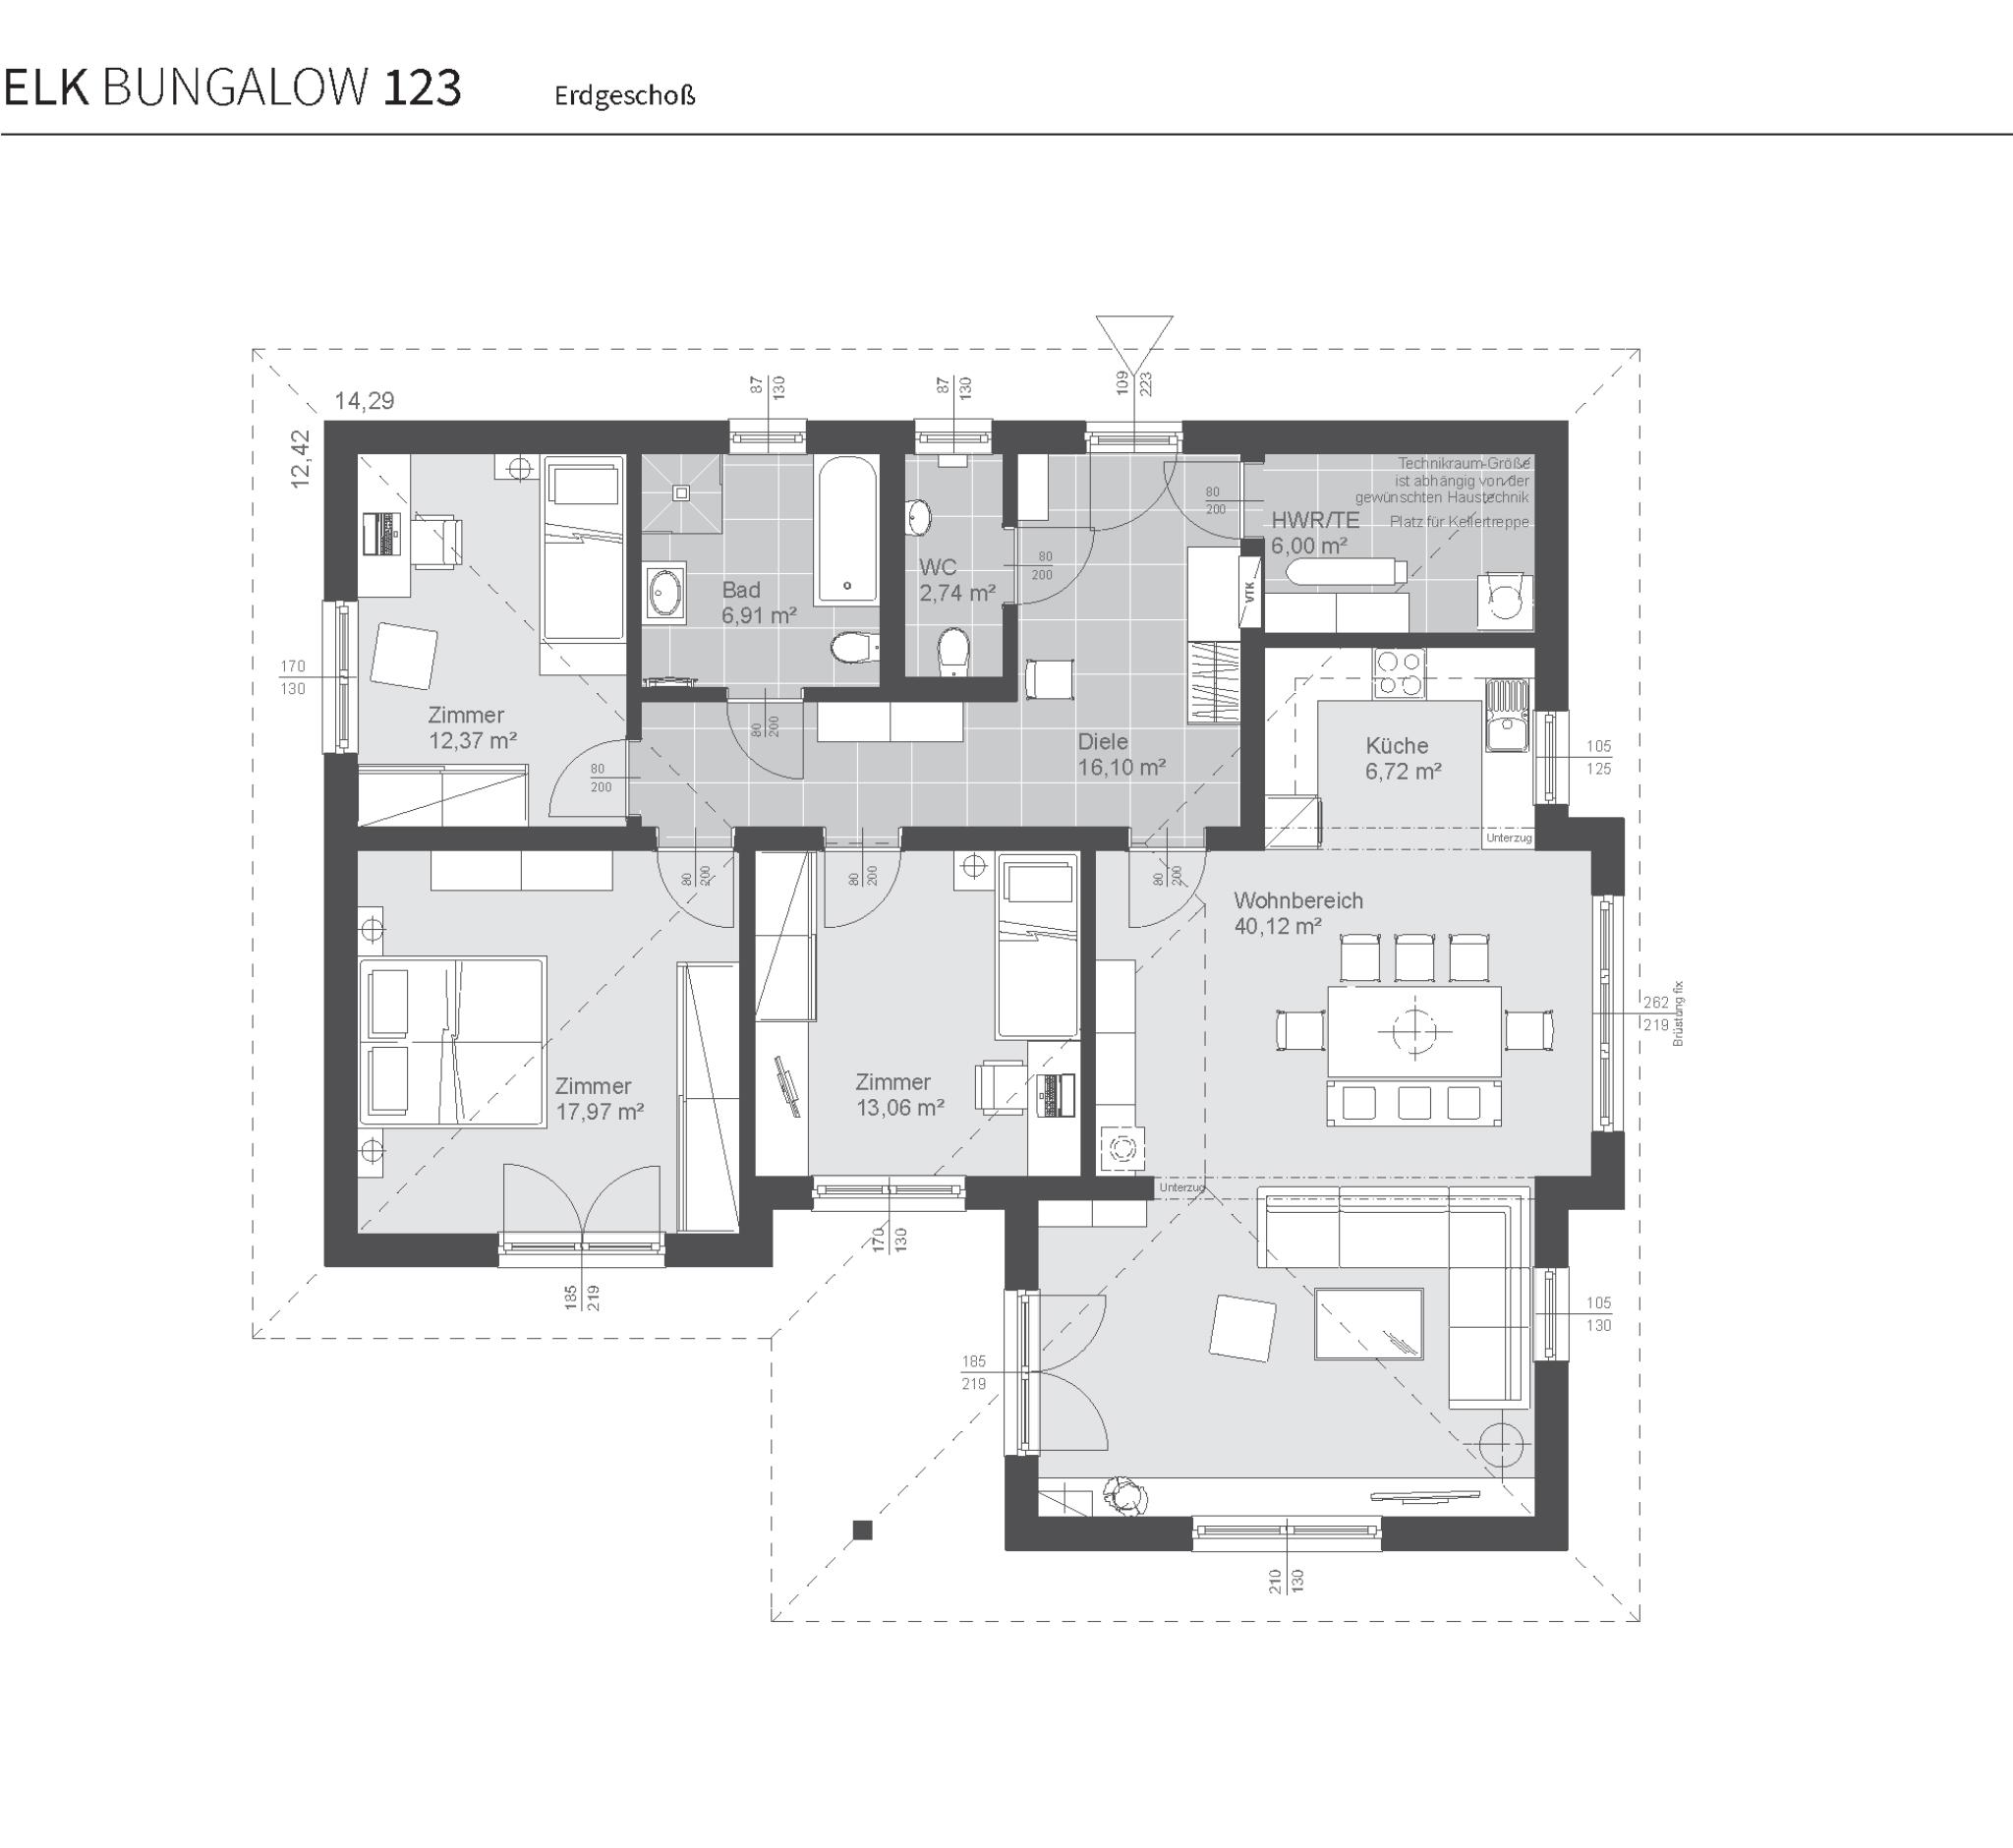 grundriss-fertighaus-elk-bungalow-123-erdgeschoss-walmdach (0-00-00-00)